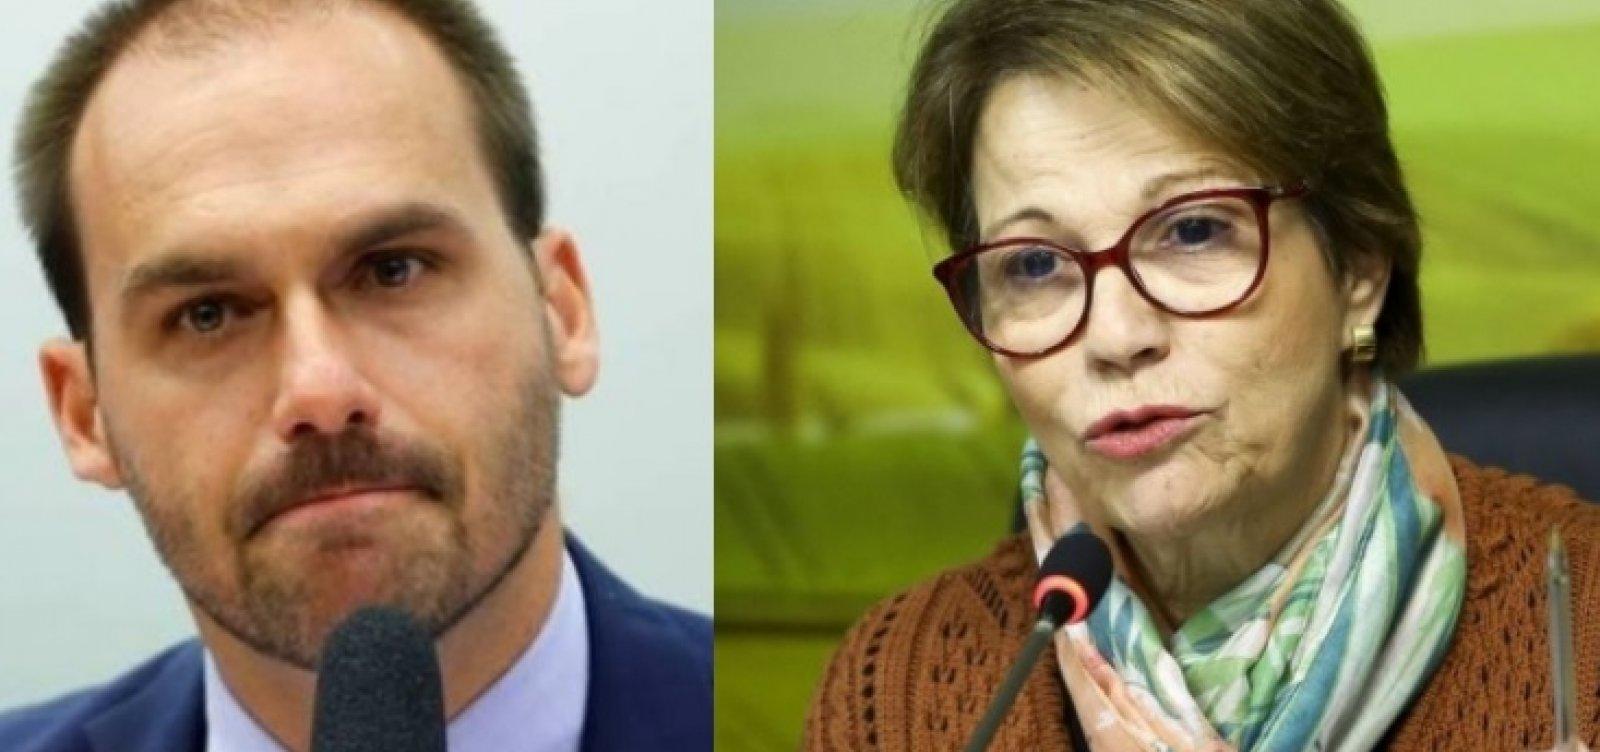 Comitiva presidencial: Eduardo Bolsonaro e ministra Tereza Cristina recebem diagnóstico de Covid-19